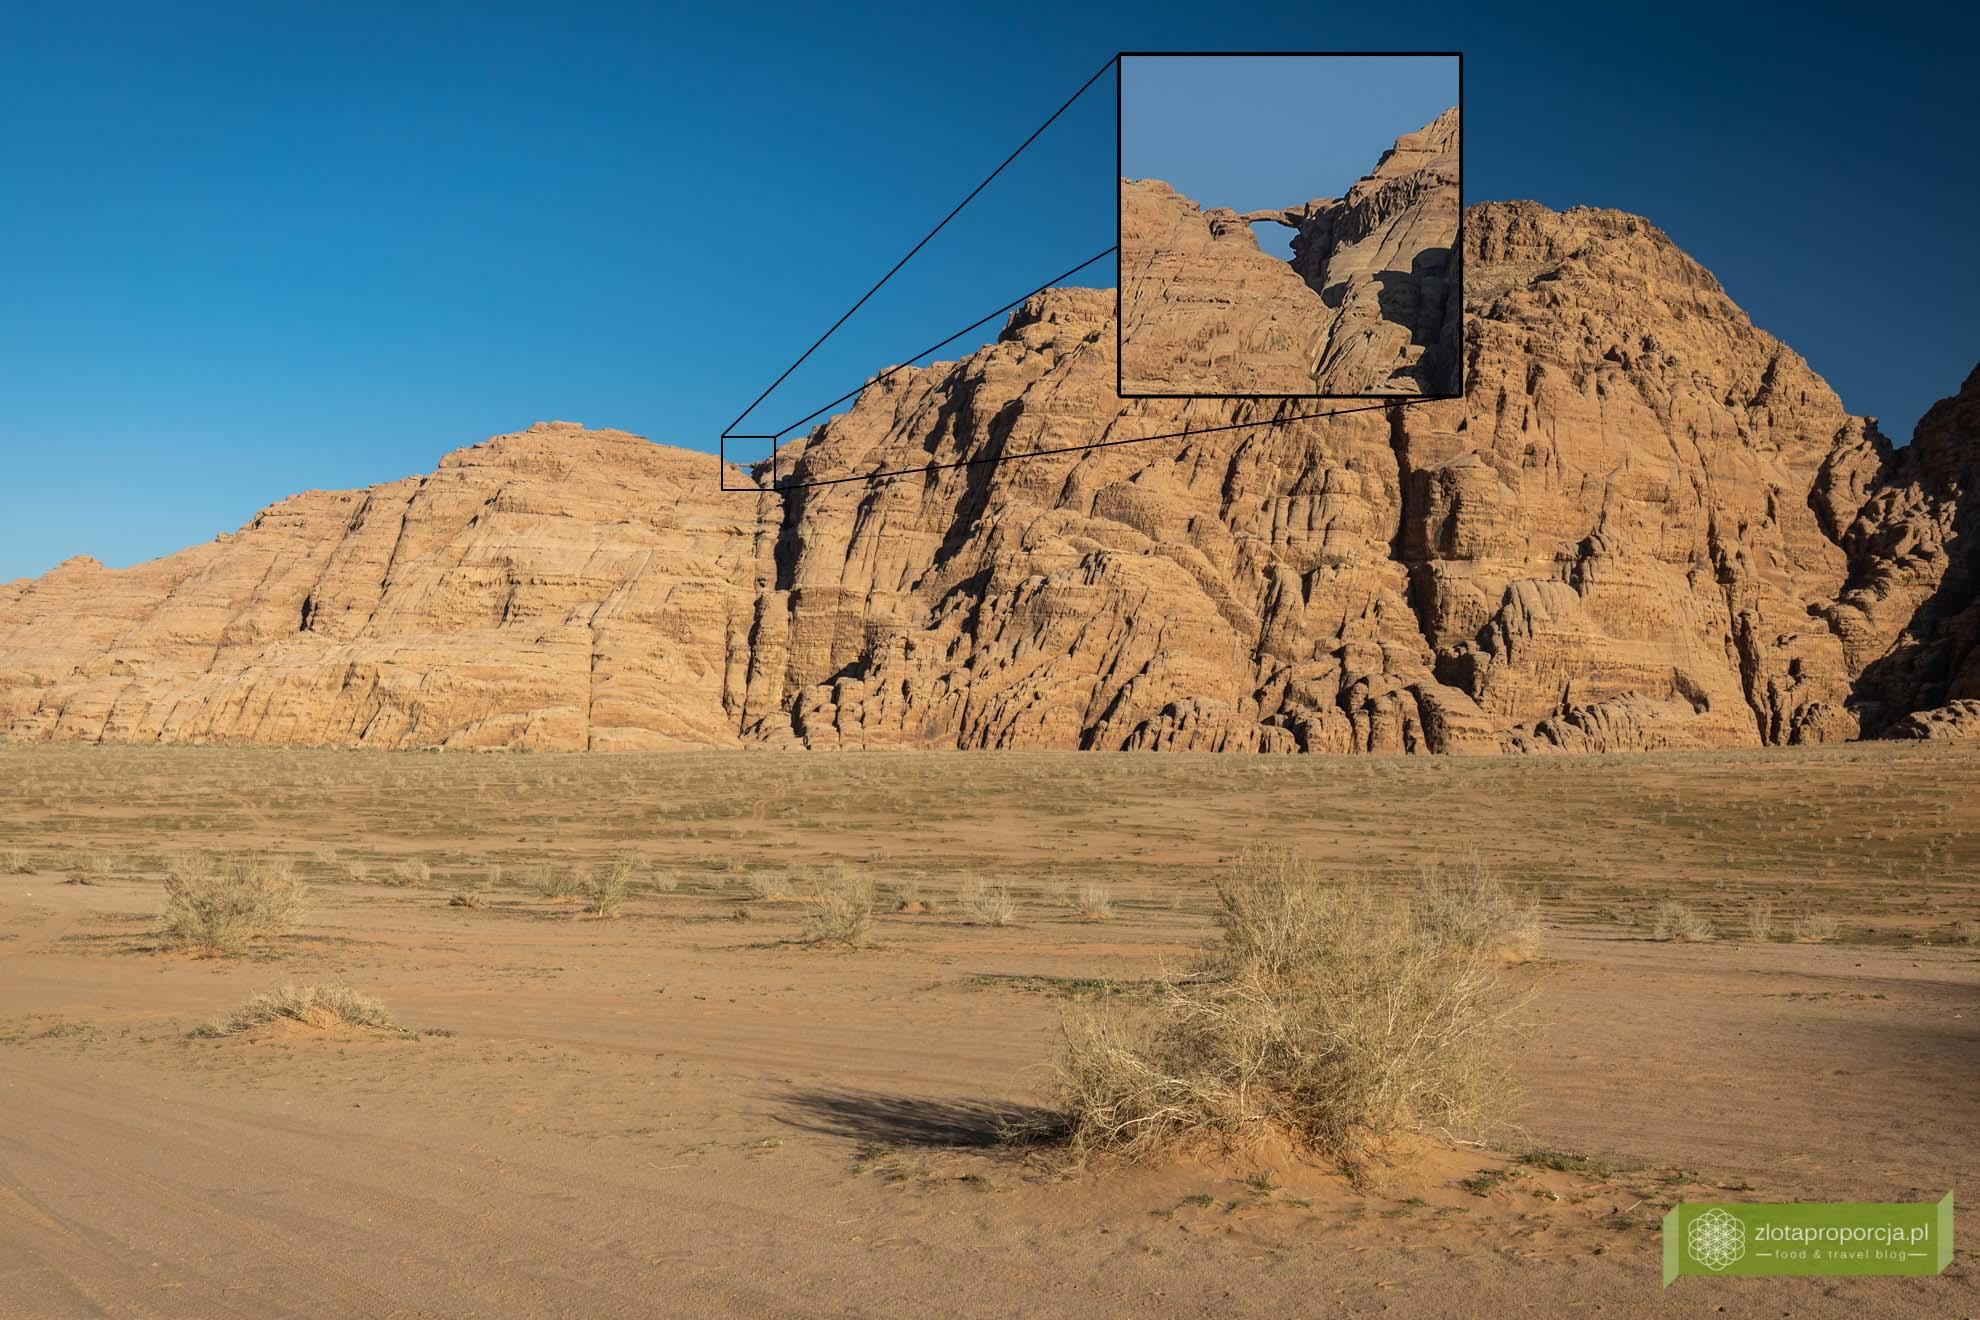 Wadi Rum, pustynia Wadi Rum, Jordania, pustynia Jordania; Wadi rum wycieczka, Wadi Rum zwiedzanie, Jordania atrakcje; Łuk Burdah;